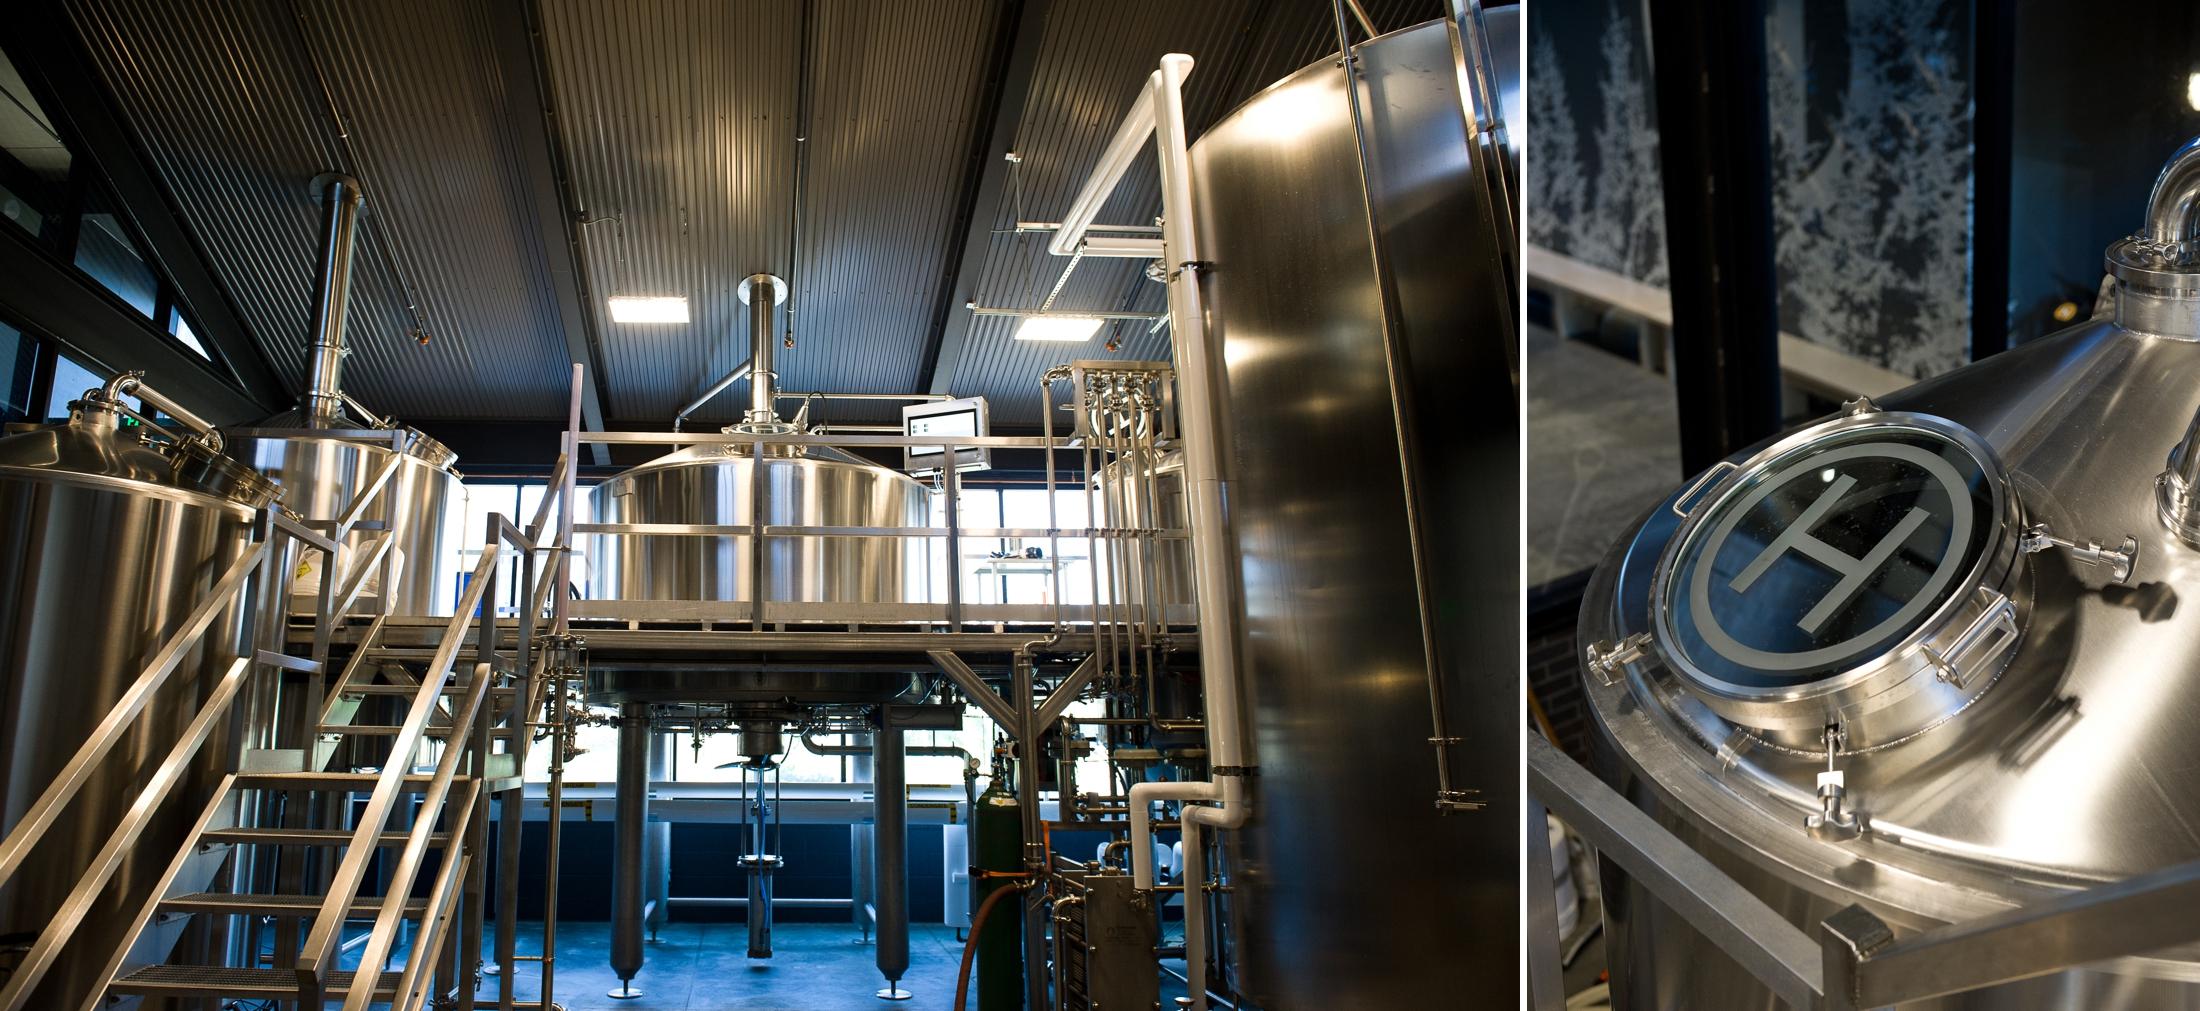 Green Bay Wedding Venue, Hinterland Brewery